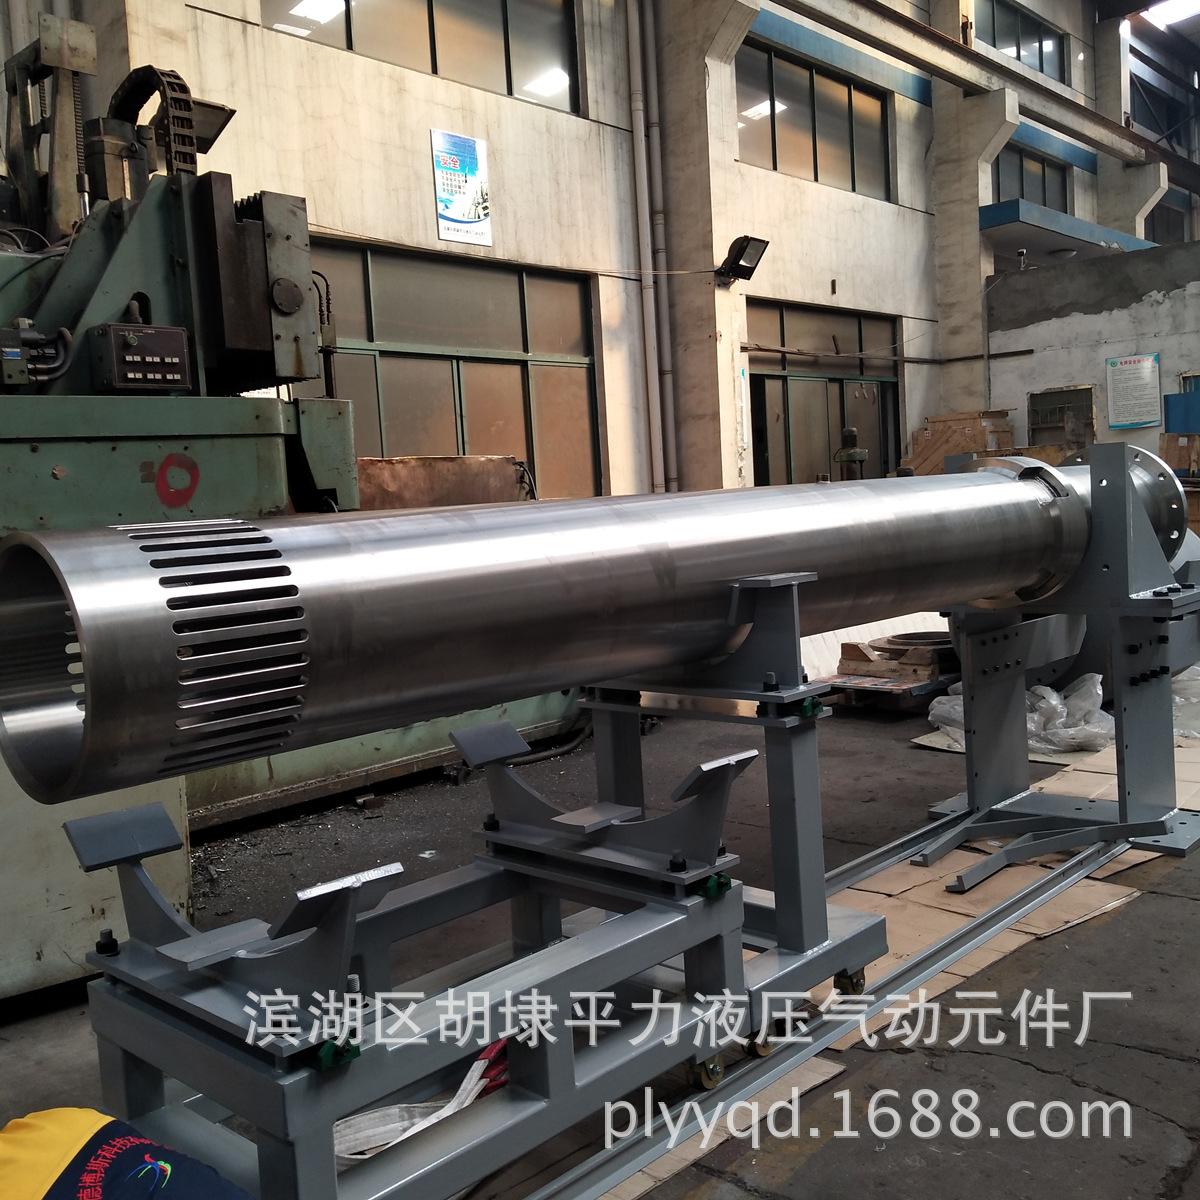 Nhà sản xuất chuyên sản xuất các loại thép không gỉ ống xi lanh ống thông số kỹ thuật mài bóng công